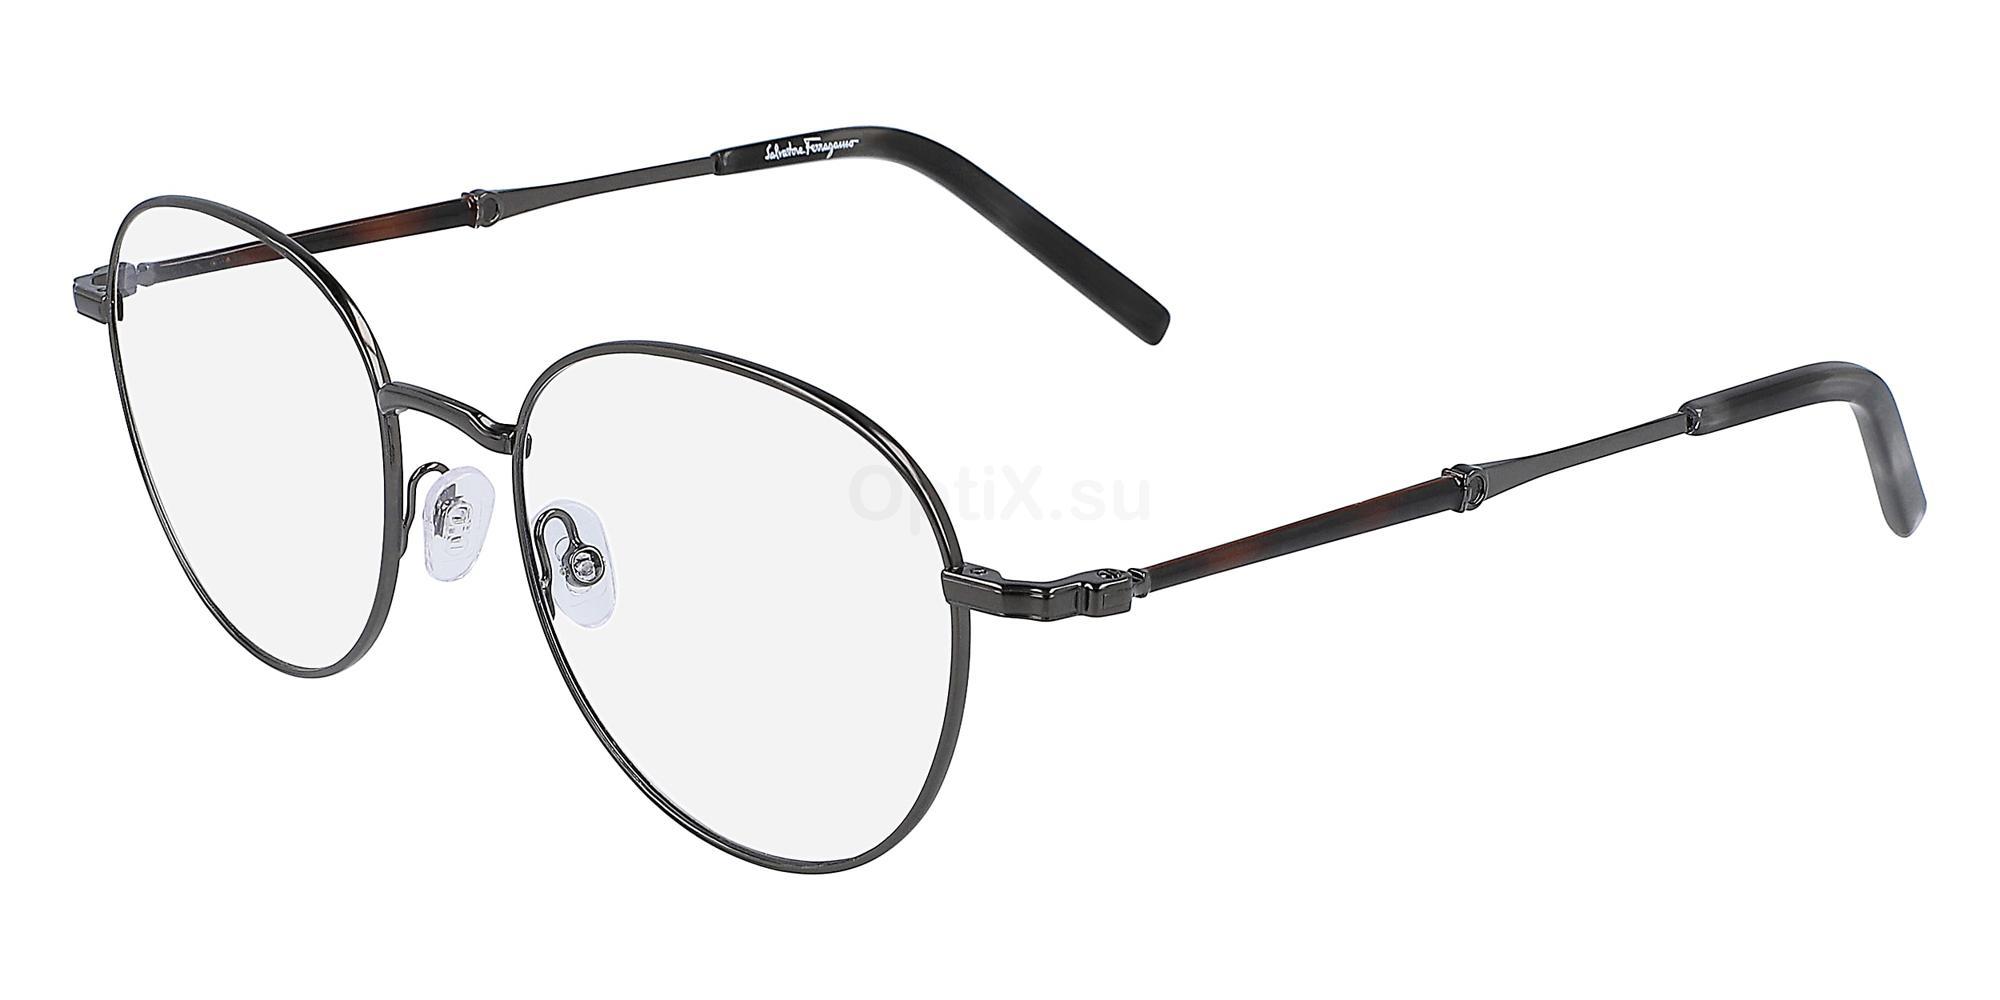 015 SF2192 Glasses, Salvatore Ferragamo